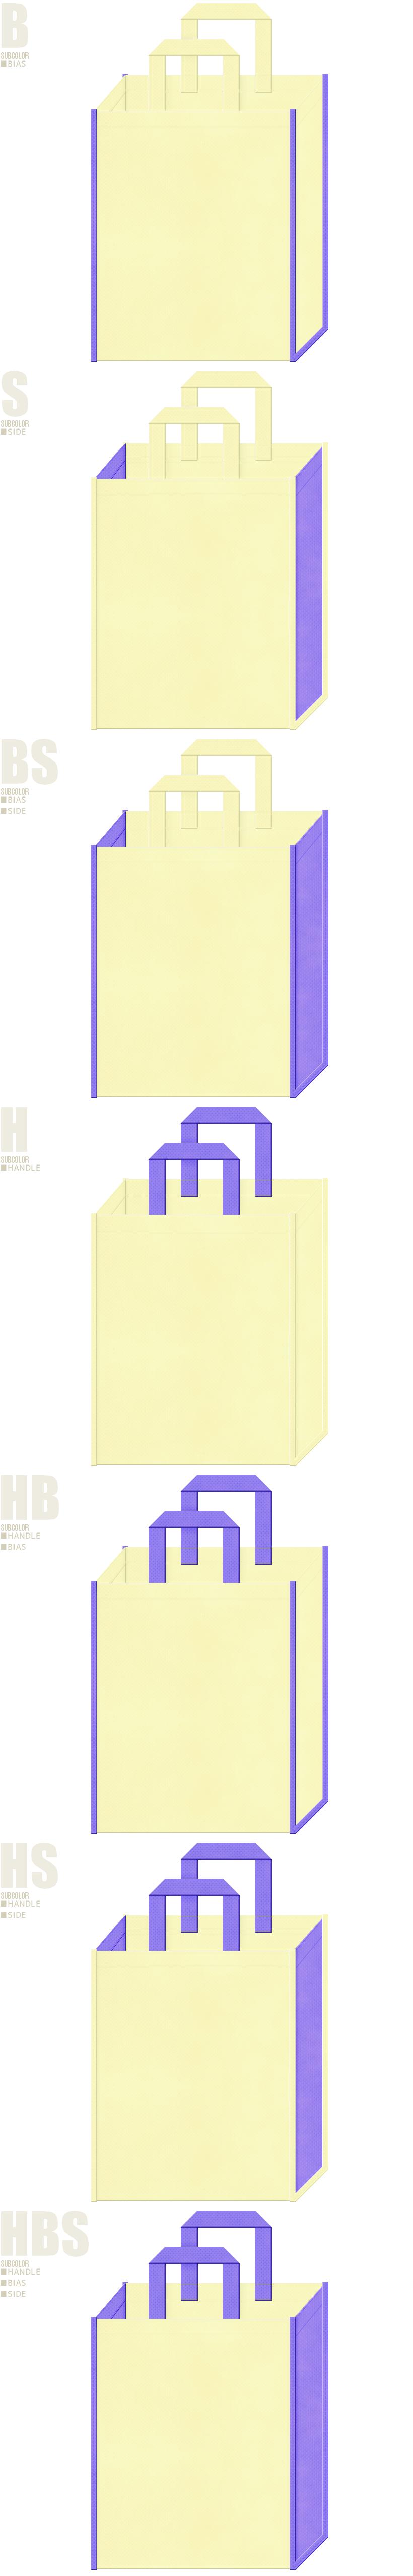 薄黄色と明るめの紫色、7パターンの不織布トートバッグ配色デザイン例。介護用品の展示会用バッグ、介護セミナーの資料配布用バッグ